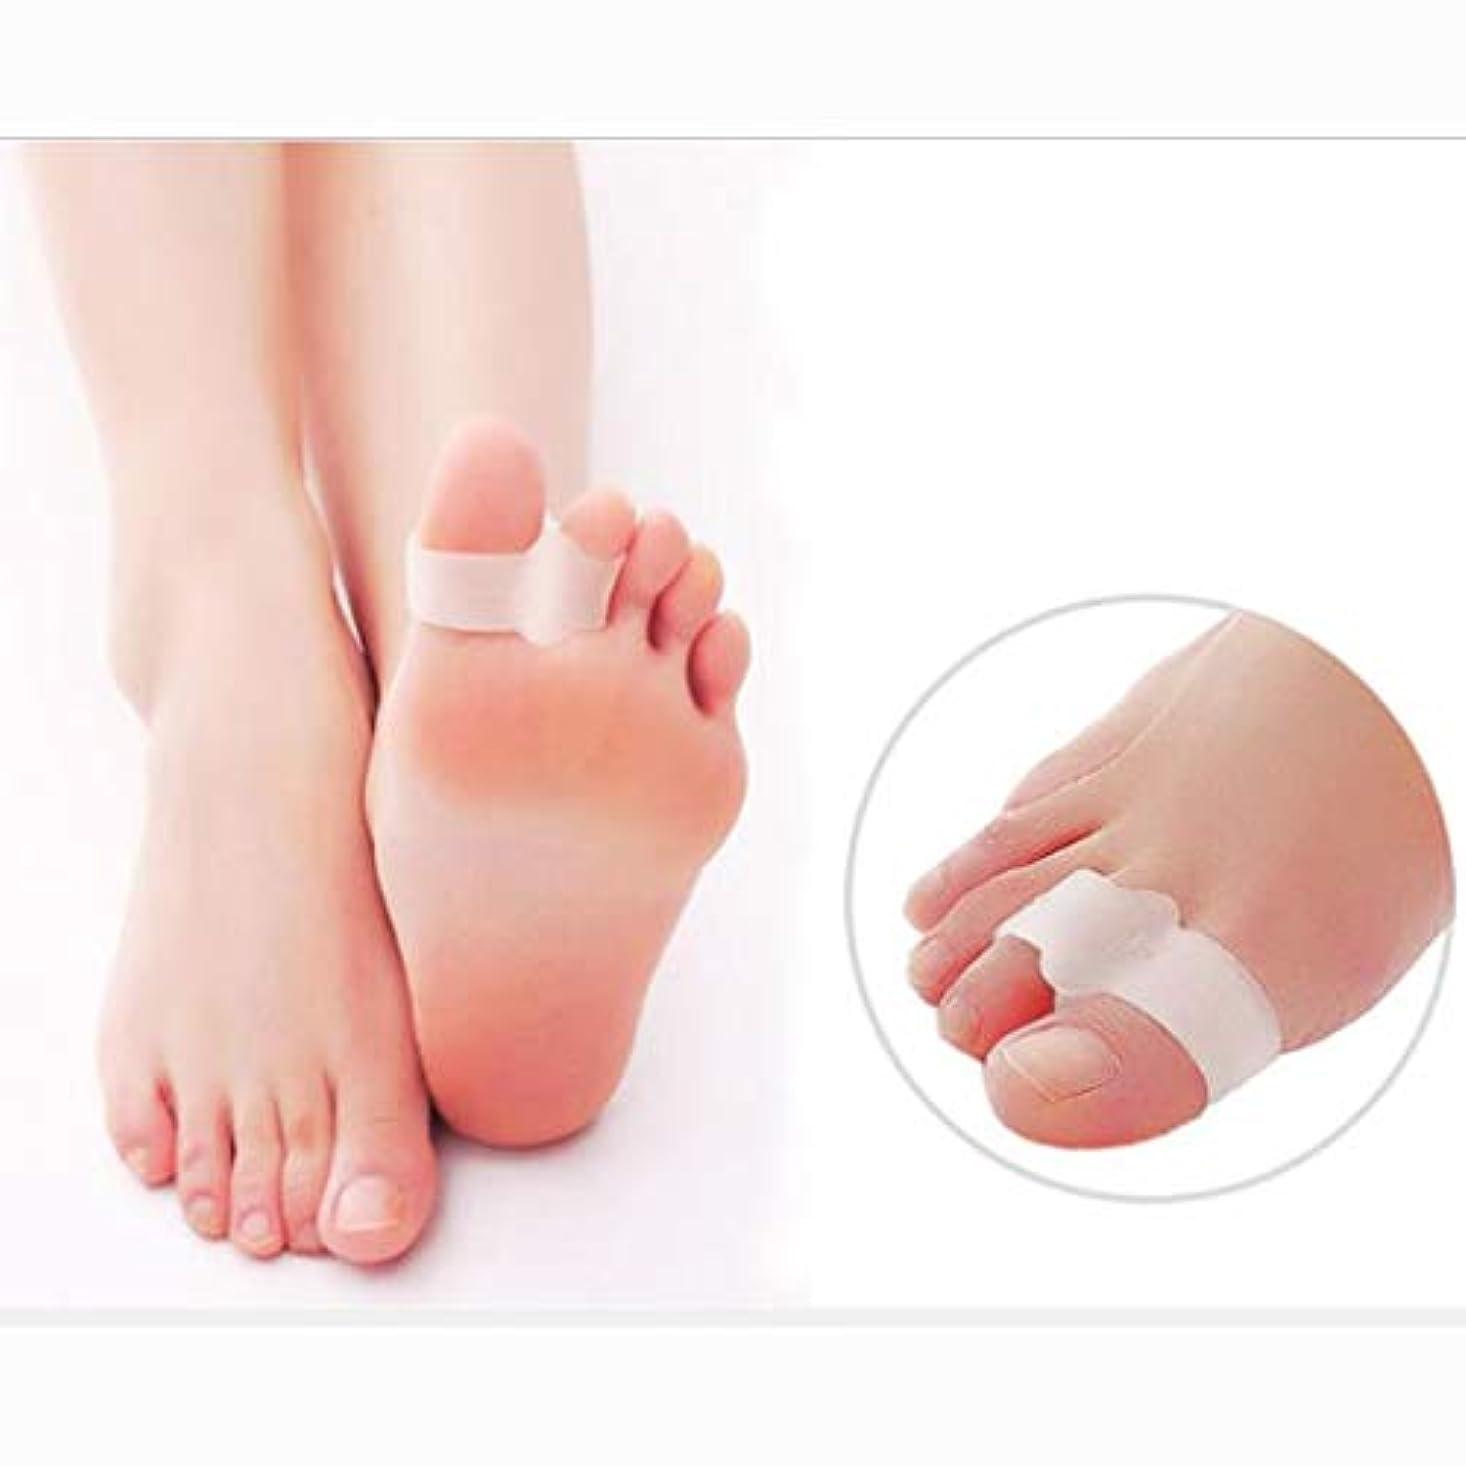 カーテン作曲する文言FANGQIAO SHOP-脚装具 足矯正器-M-toe Eversion Hemper Toe Head Big Bone Toe Overlapping Finger Deviator 脚装具-10.11 (Size...